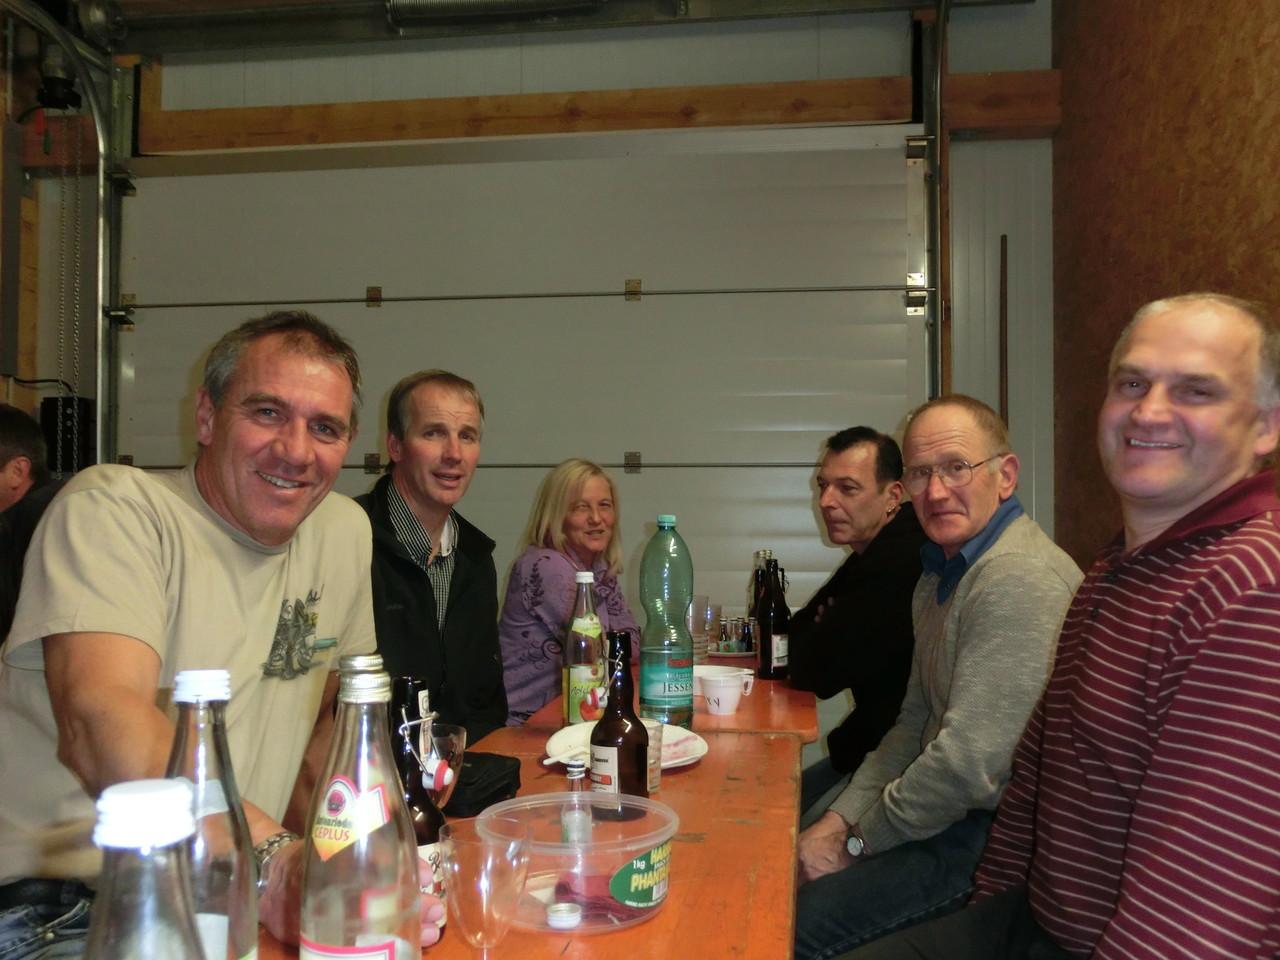 ... aber auch Uwe, Susi, Tommy, Henry und Josef hatten gutes Sitzfleisch